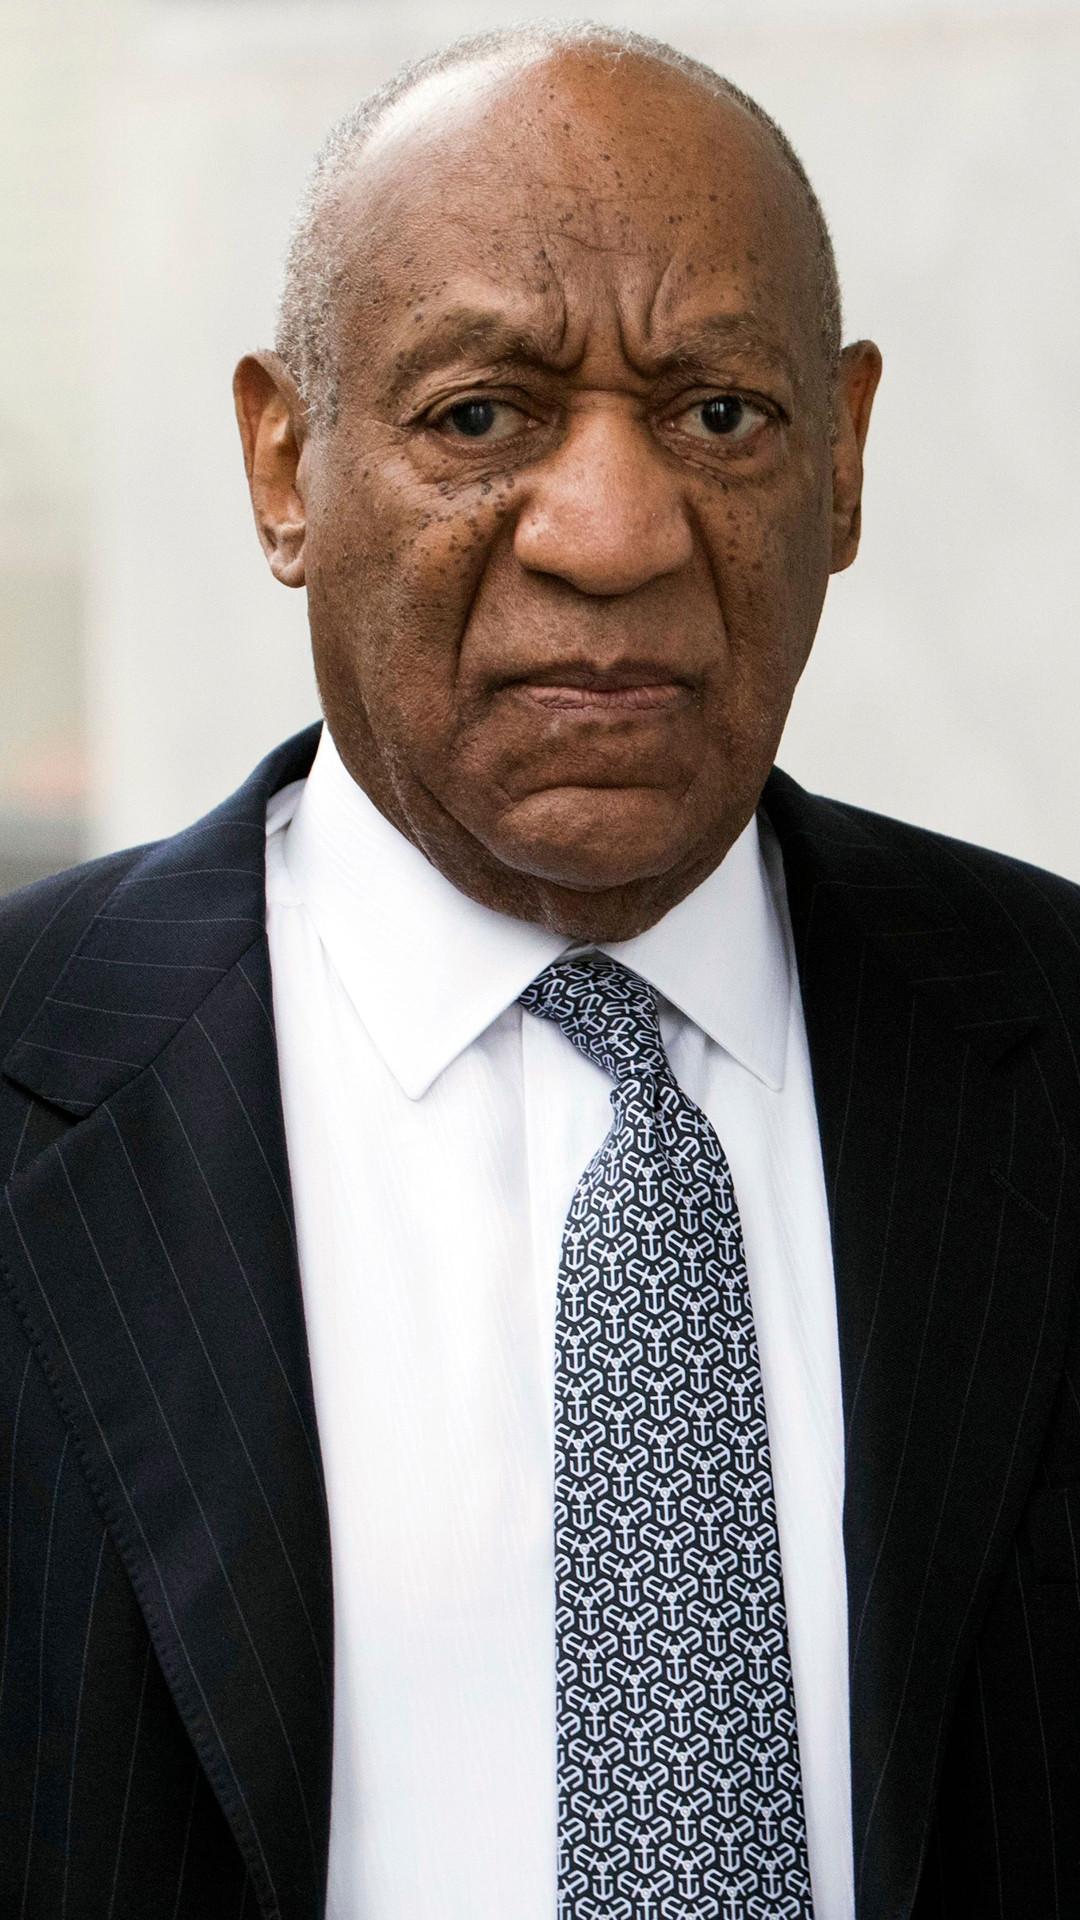 Andrea Constand, Bill Cosby